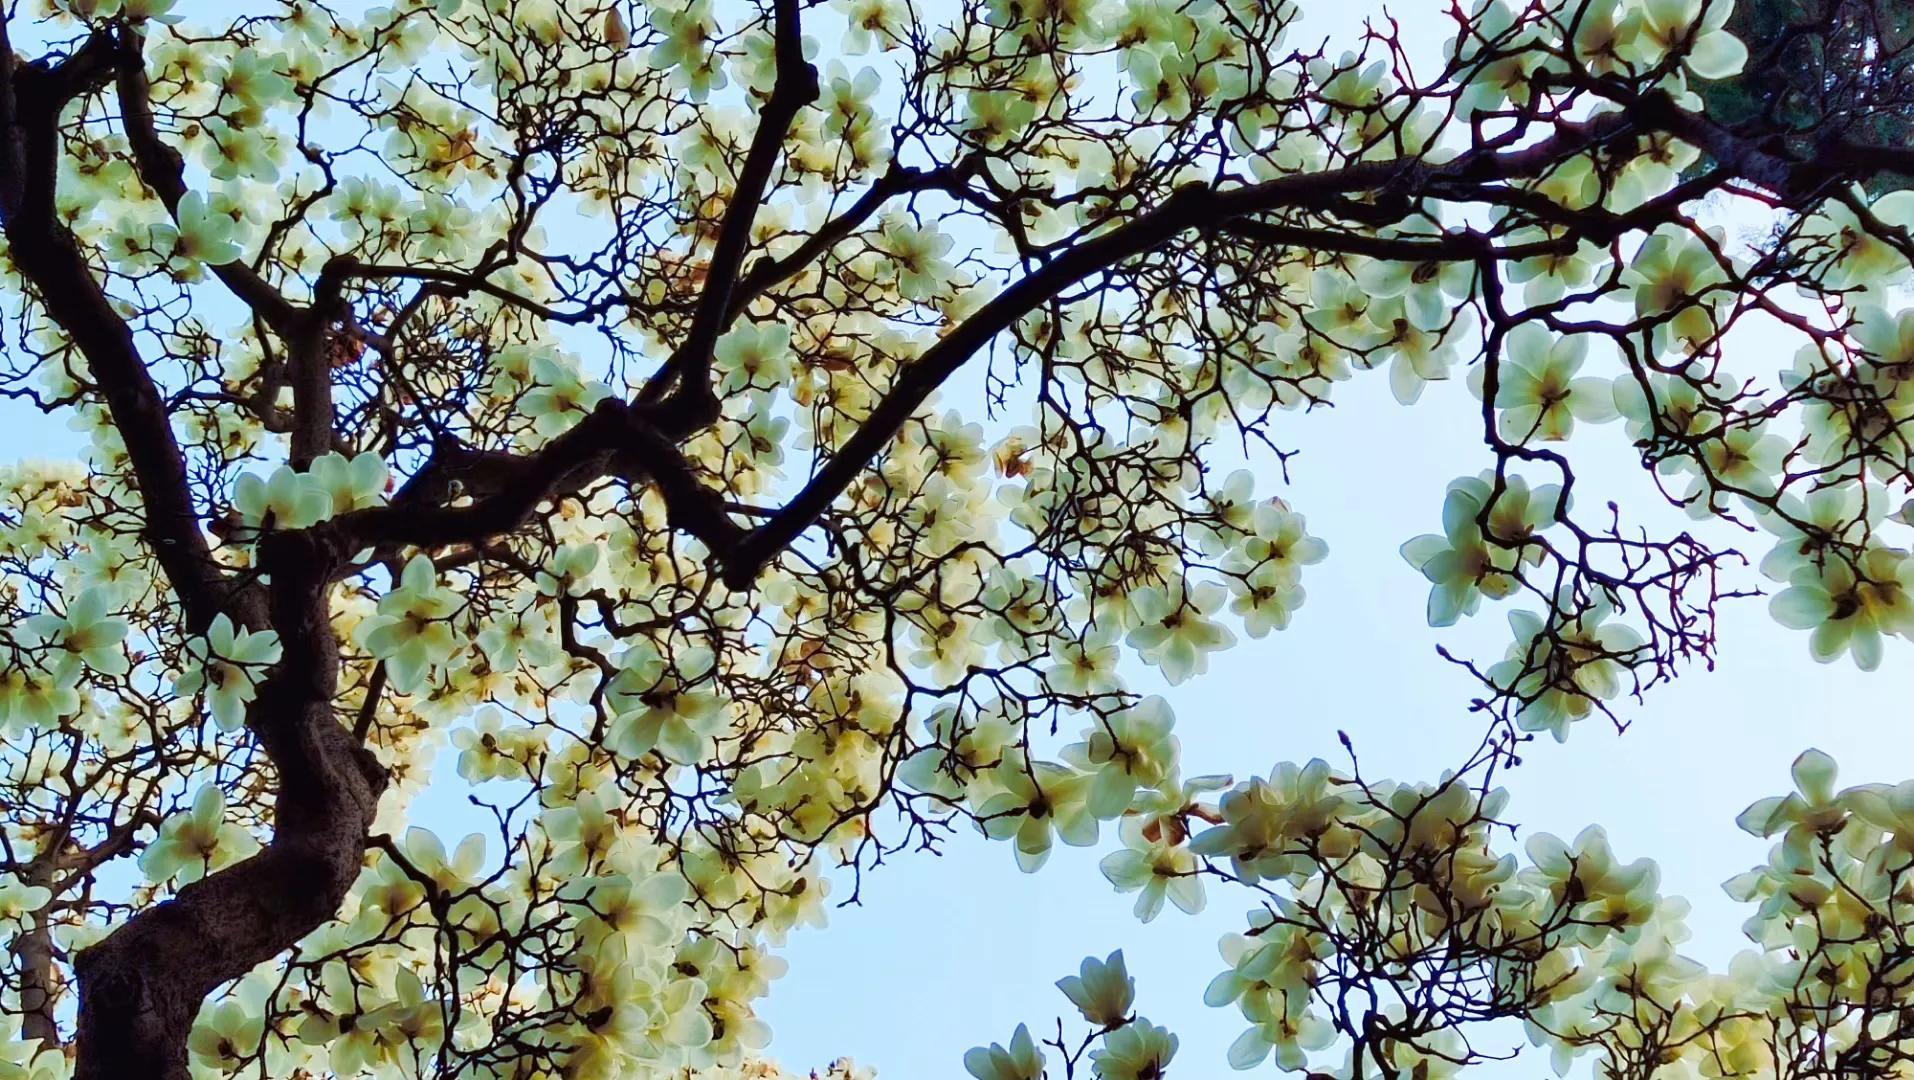 长安美景:长安沣峪口净业寺——夜来春花悄然开(伟风凛冽摄)